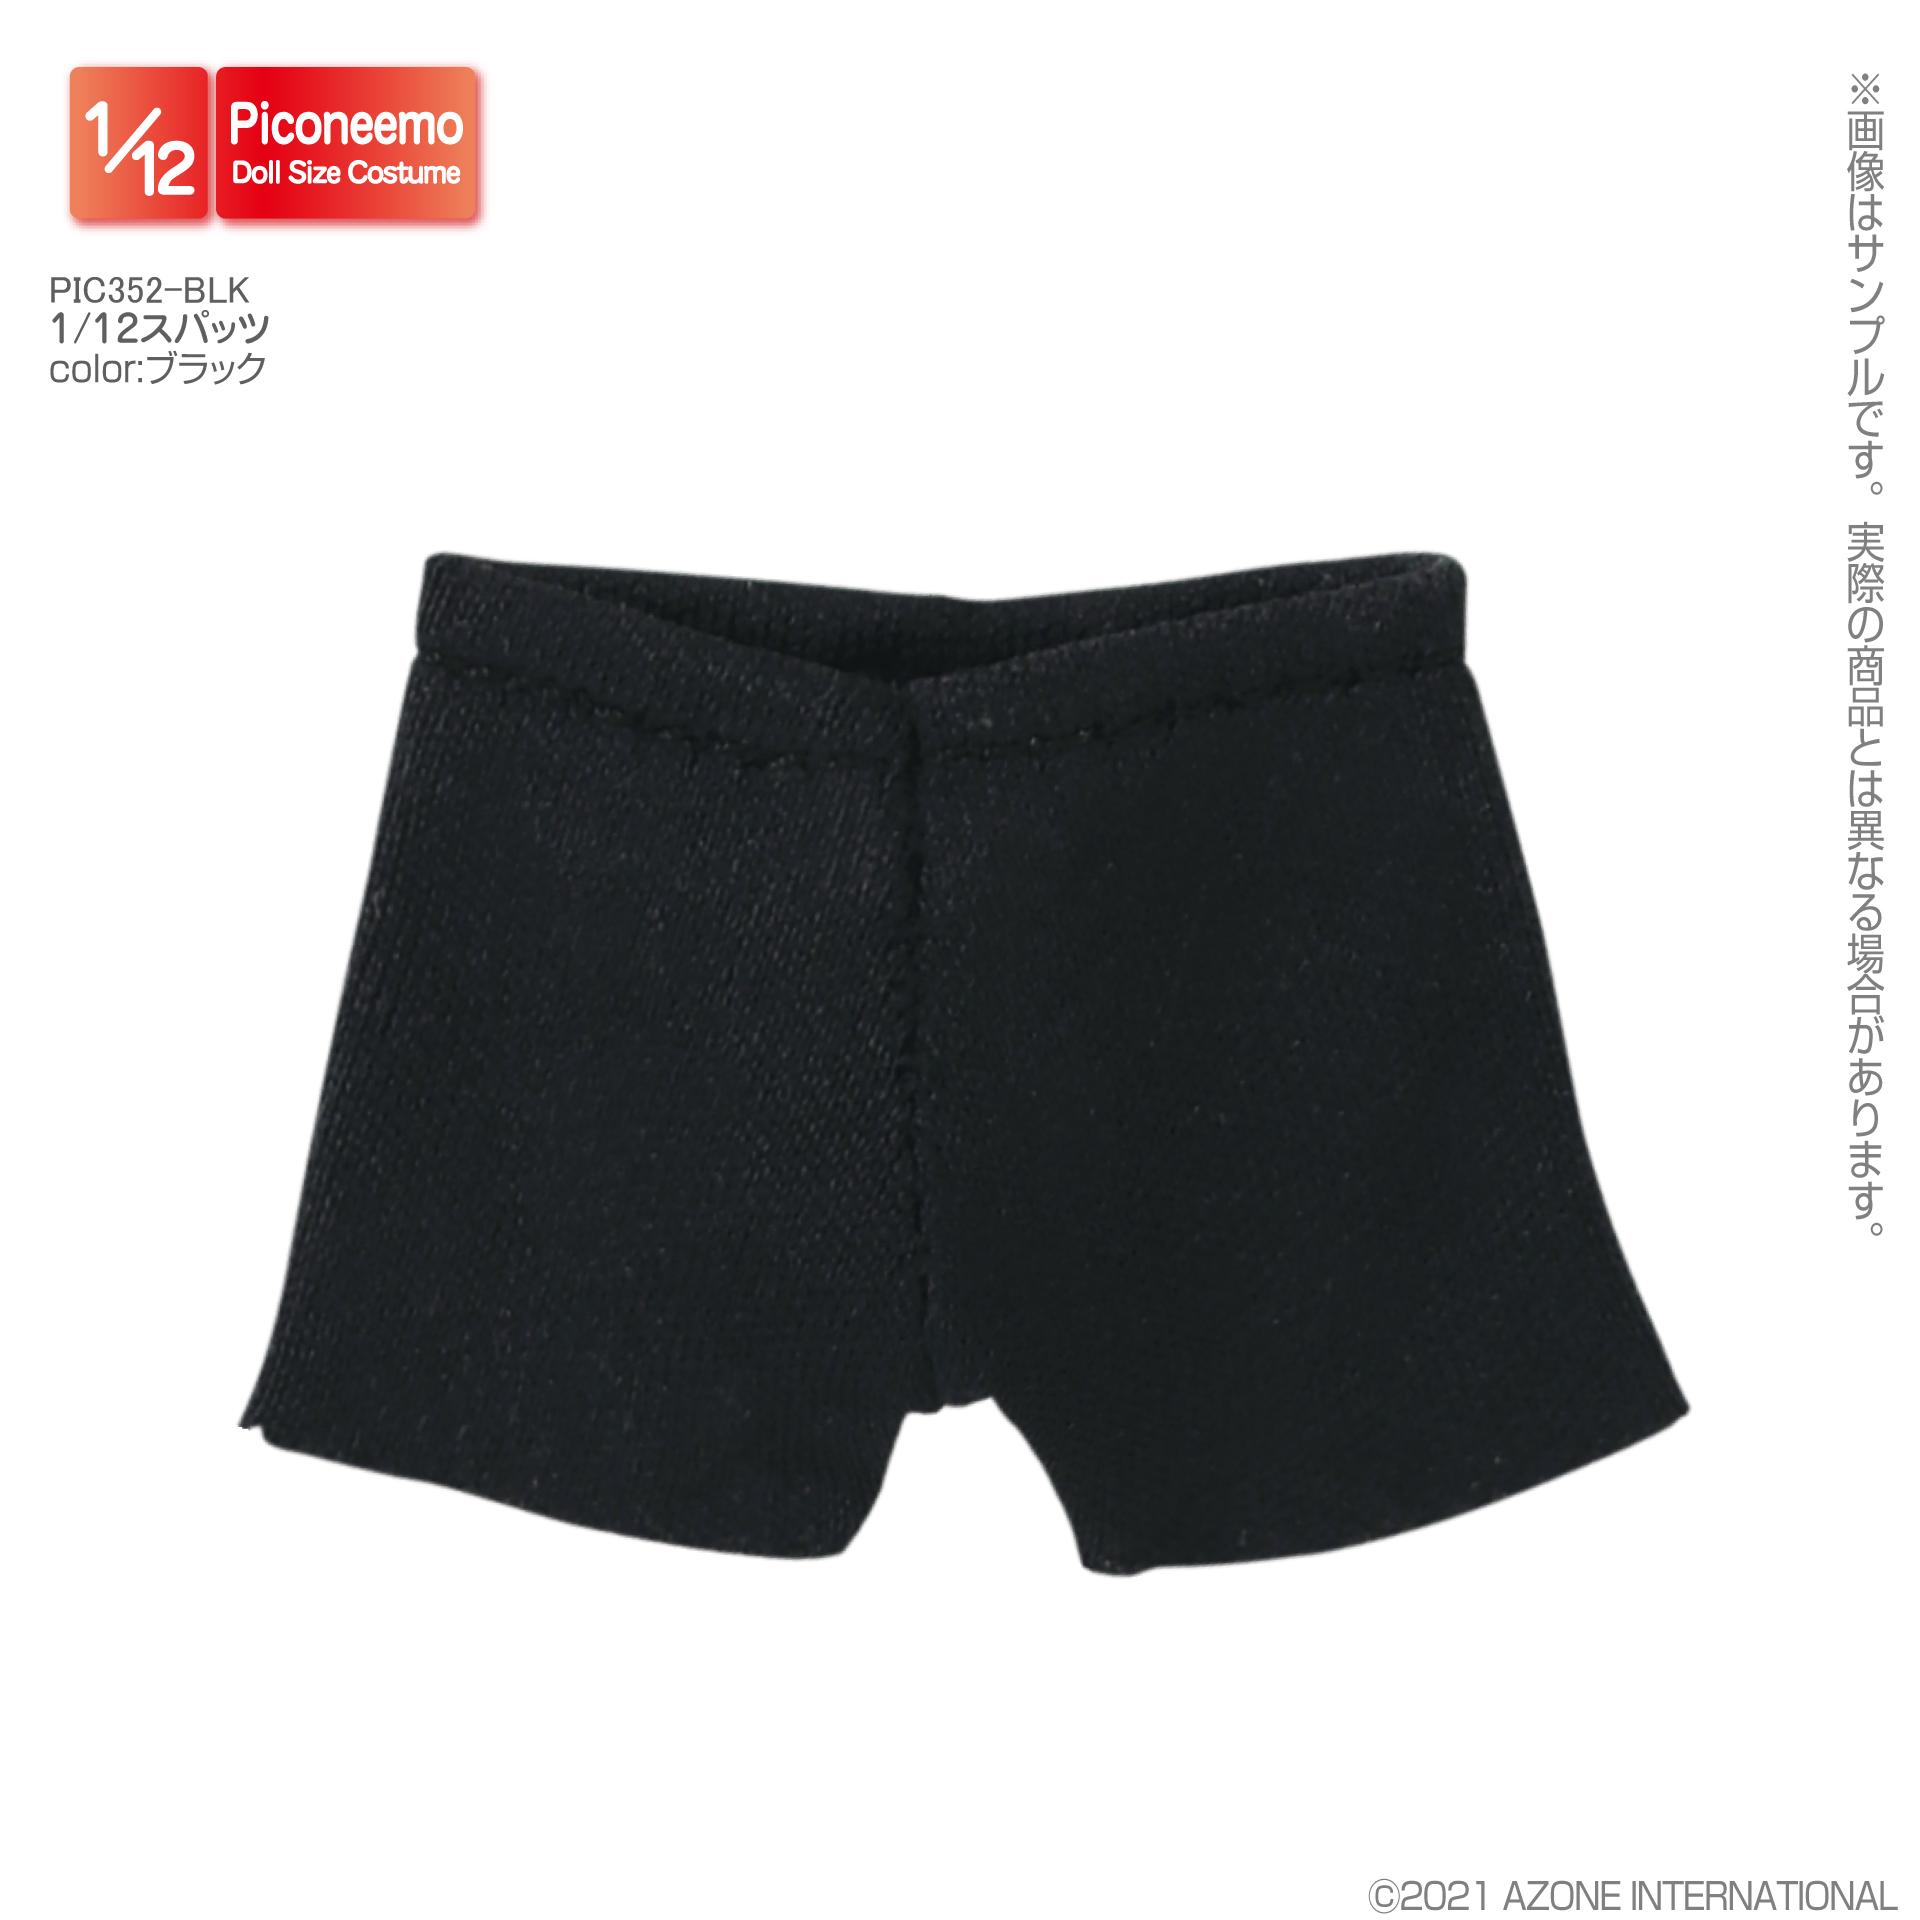 ピコニーモサイズ コスチューム『スパッツ[ブラック]』1/12 ドール服-002